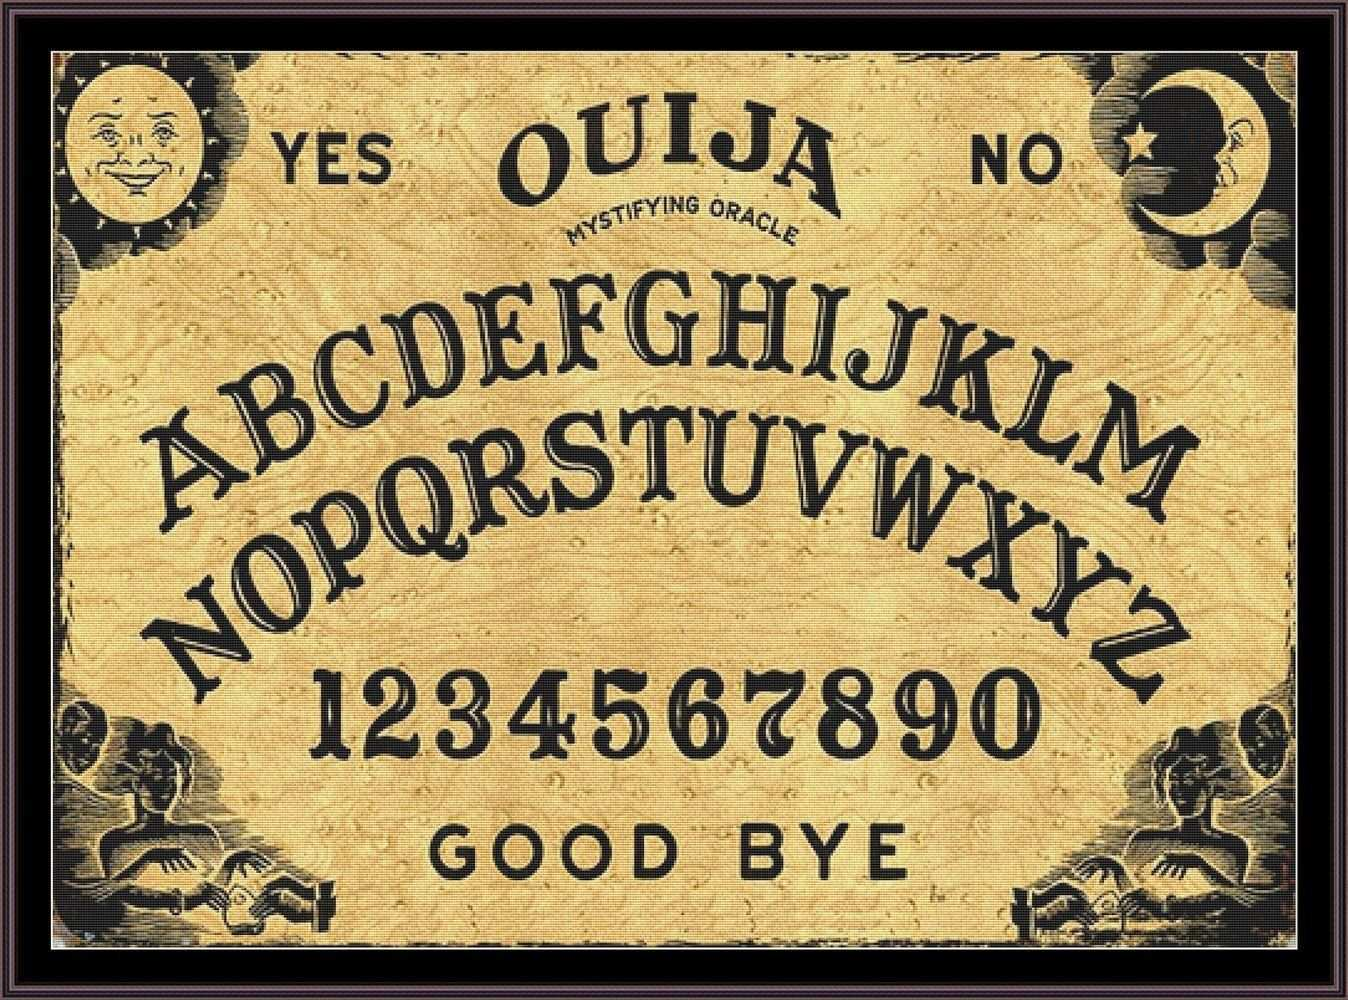 Ouija Board Large Cross Stitch Pattern Chart By Unconventionalx On Etsy Large Cross Stitch Patterns Ouija Cross Stitch Patterns